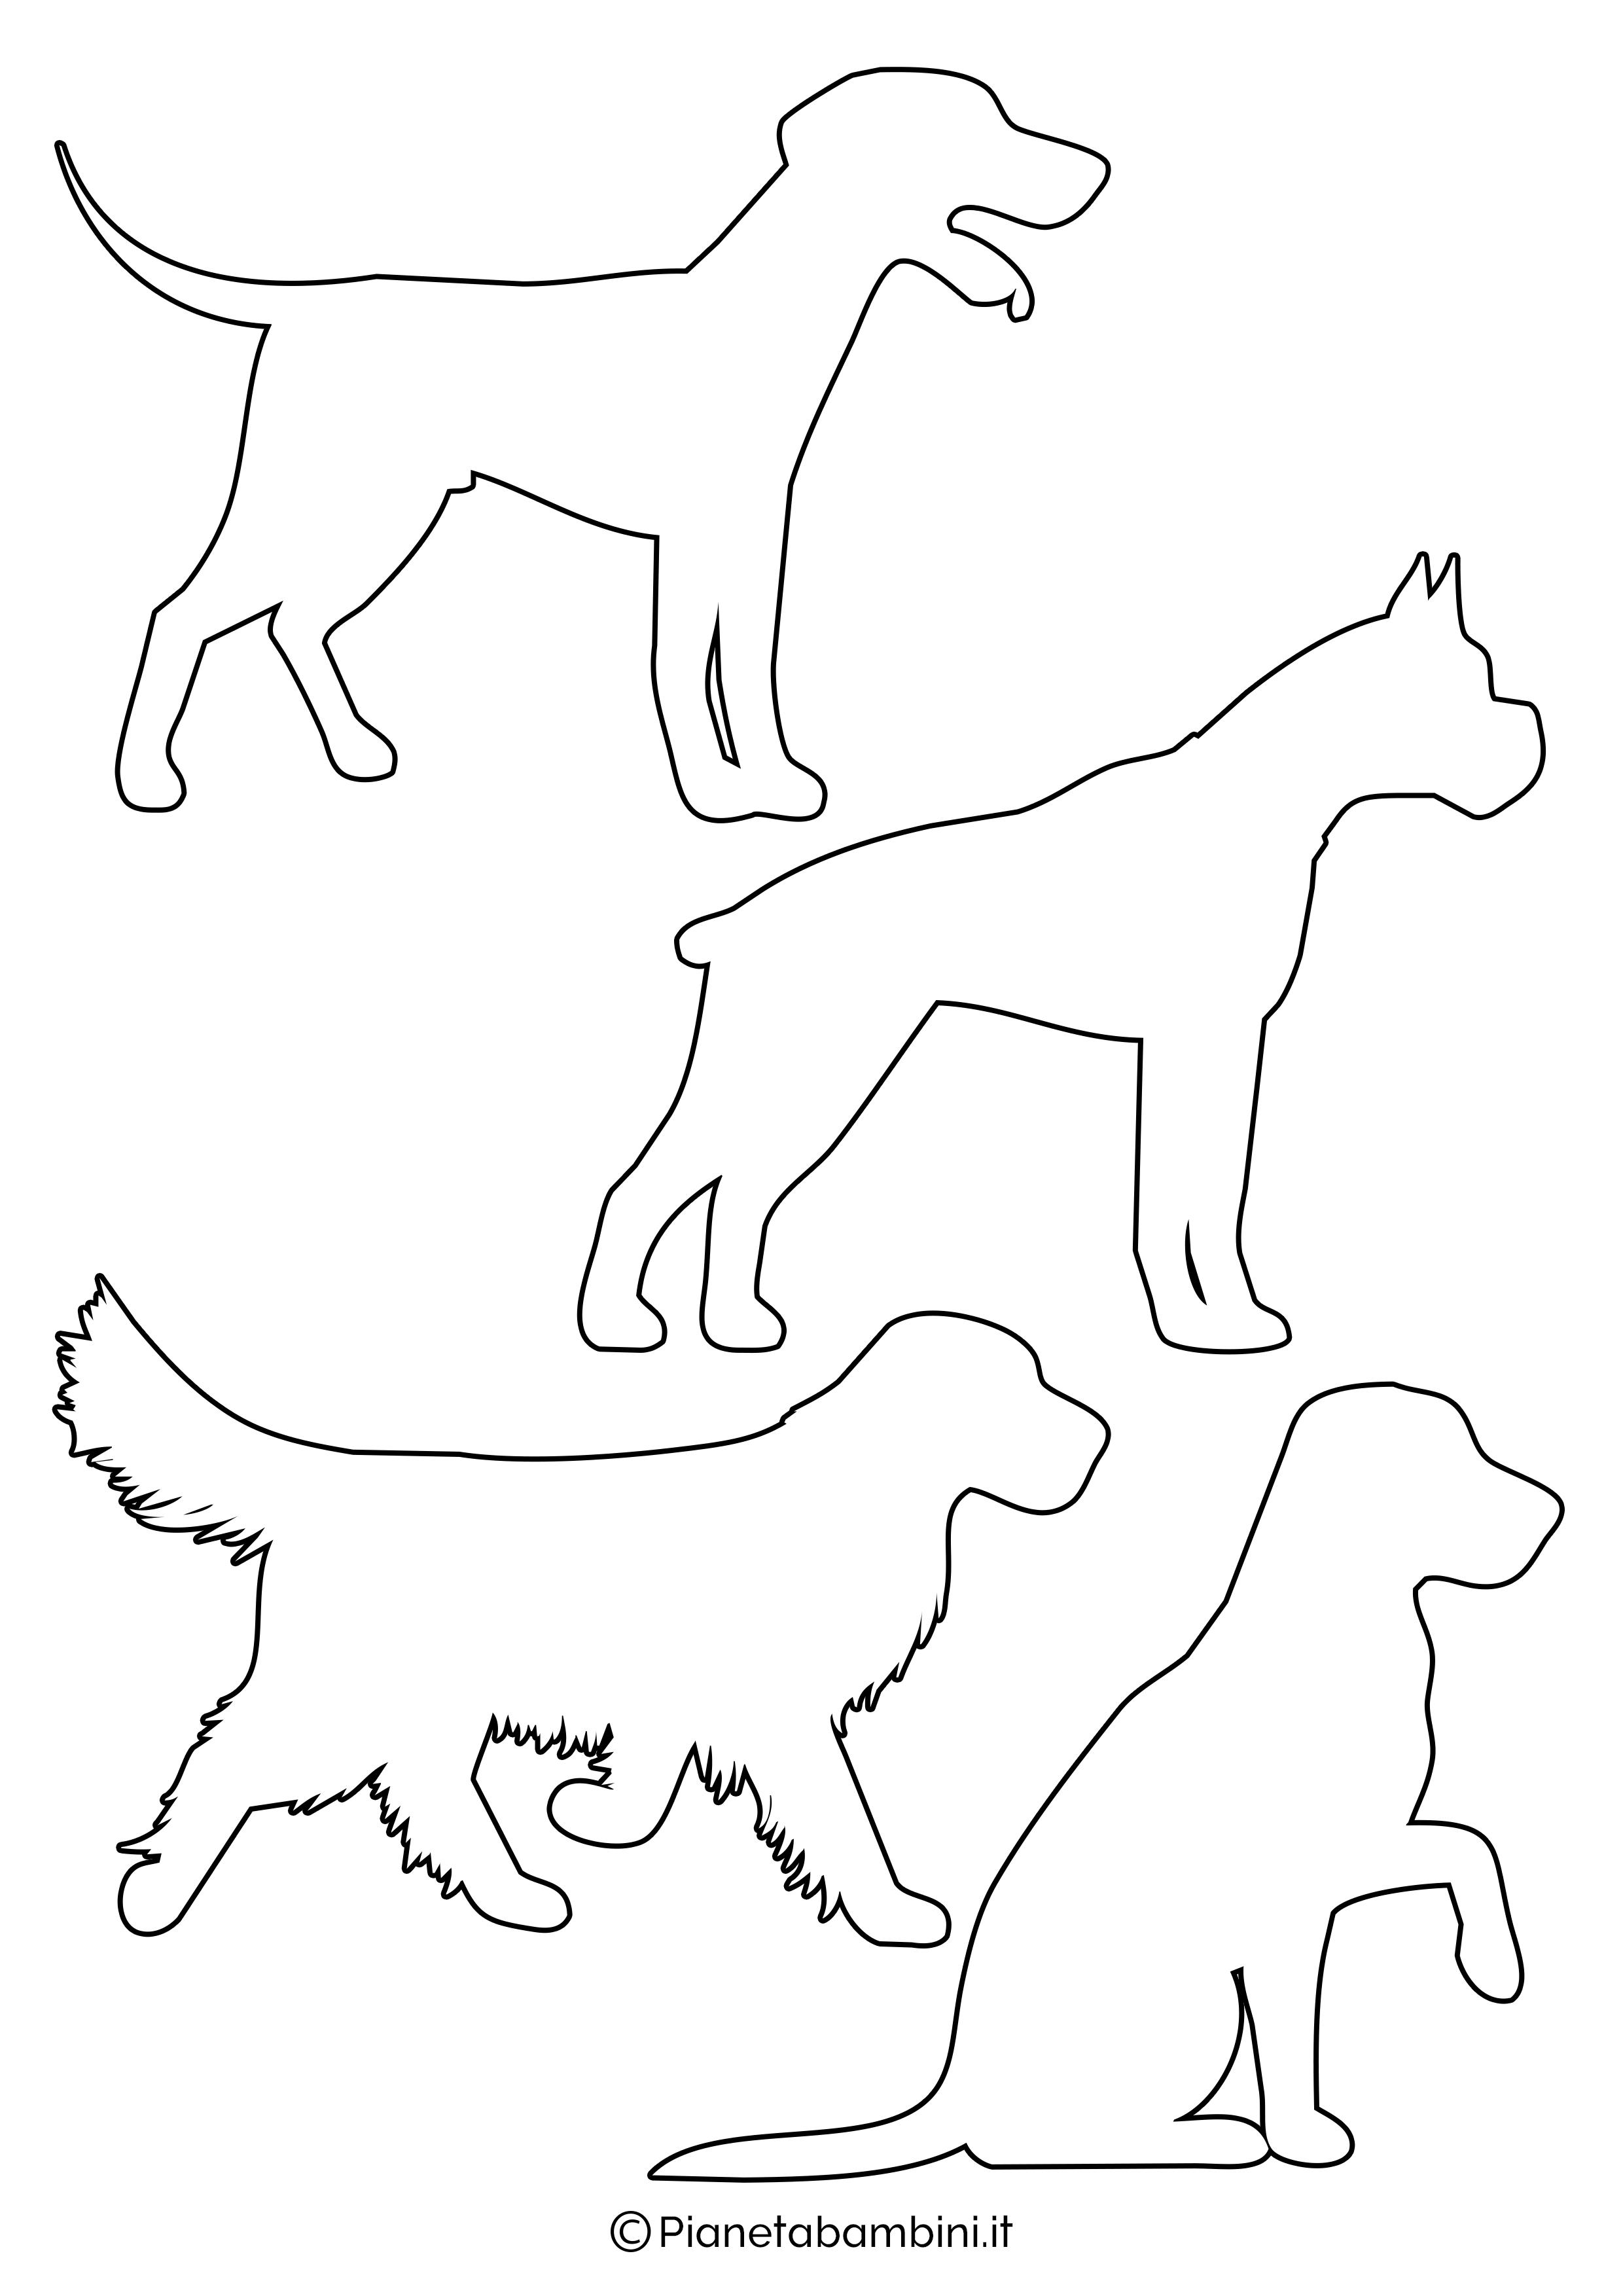 Sagome di cani piccole da ritagliare 1